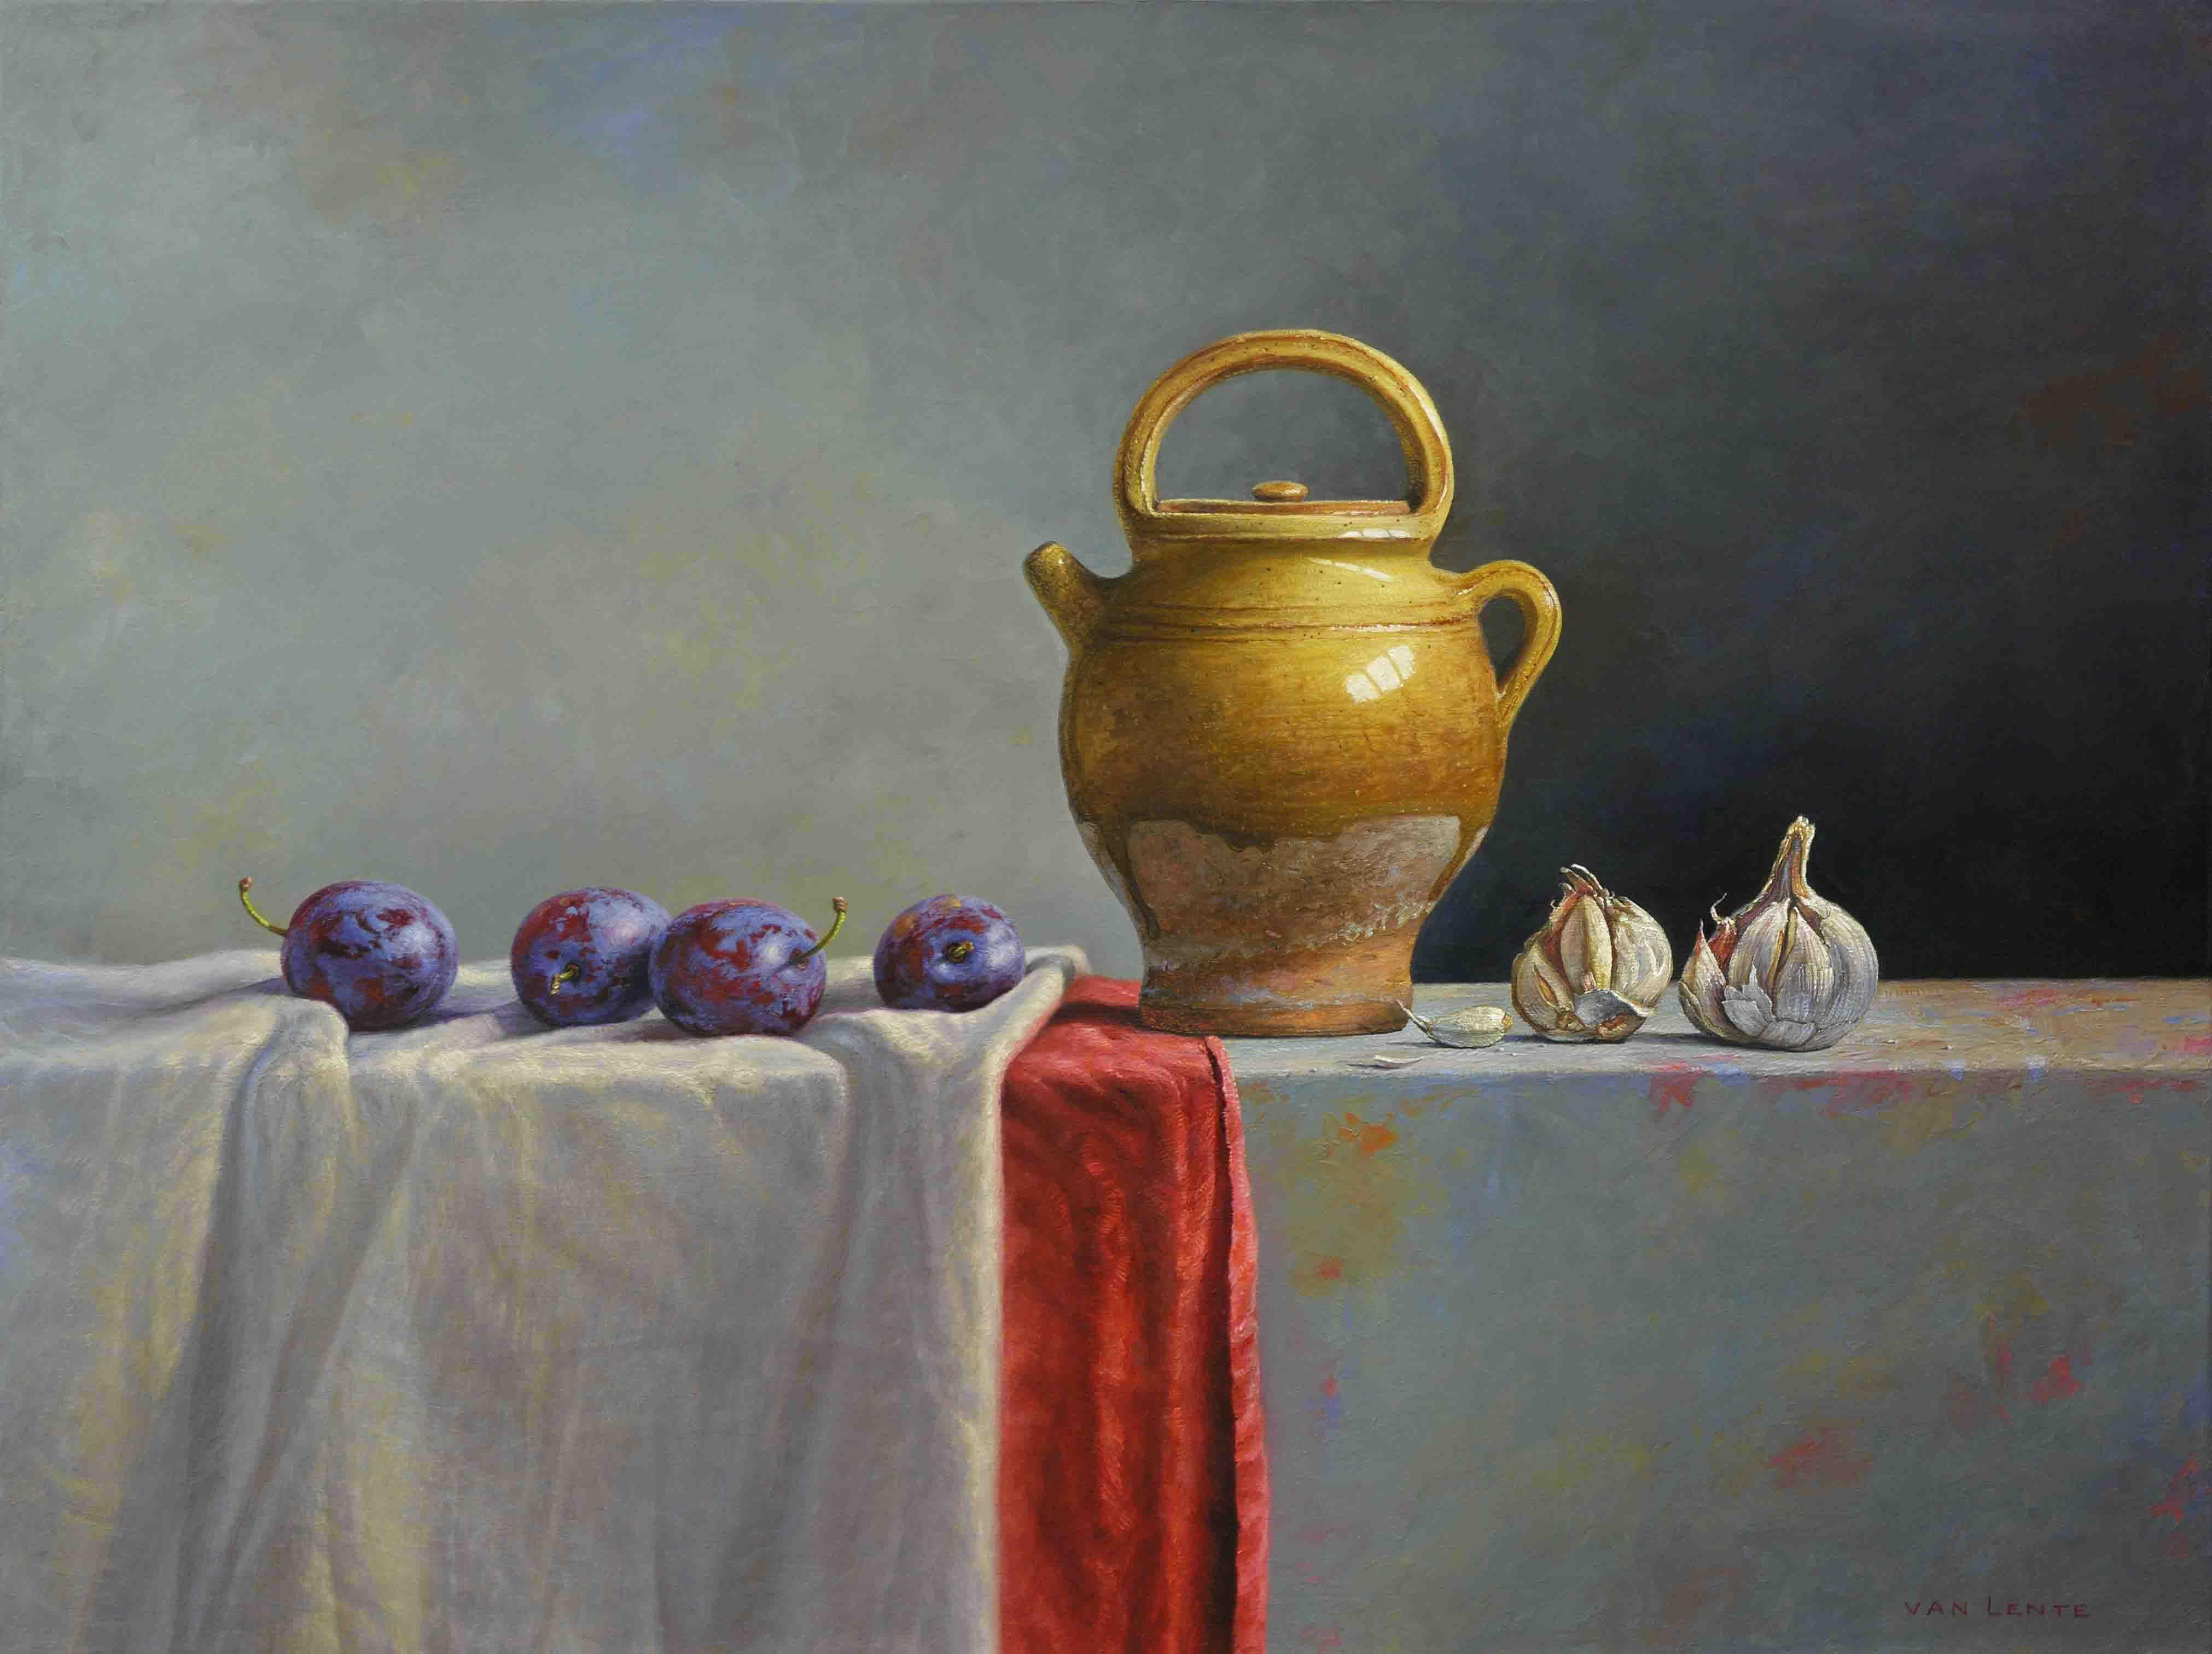 Schilderij - 'Oliekruik en knoflook' (2011) -  olieverf op linnen - 60 x 80 cm